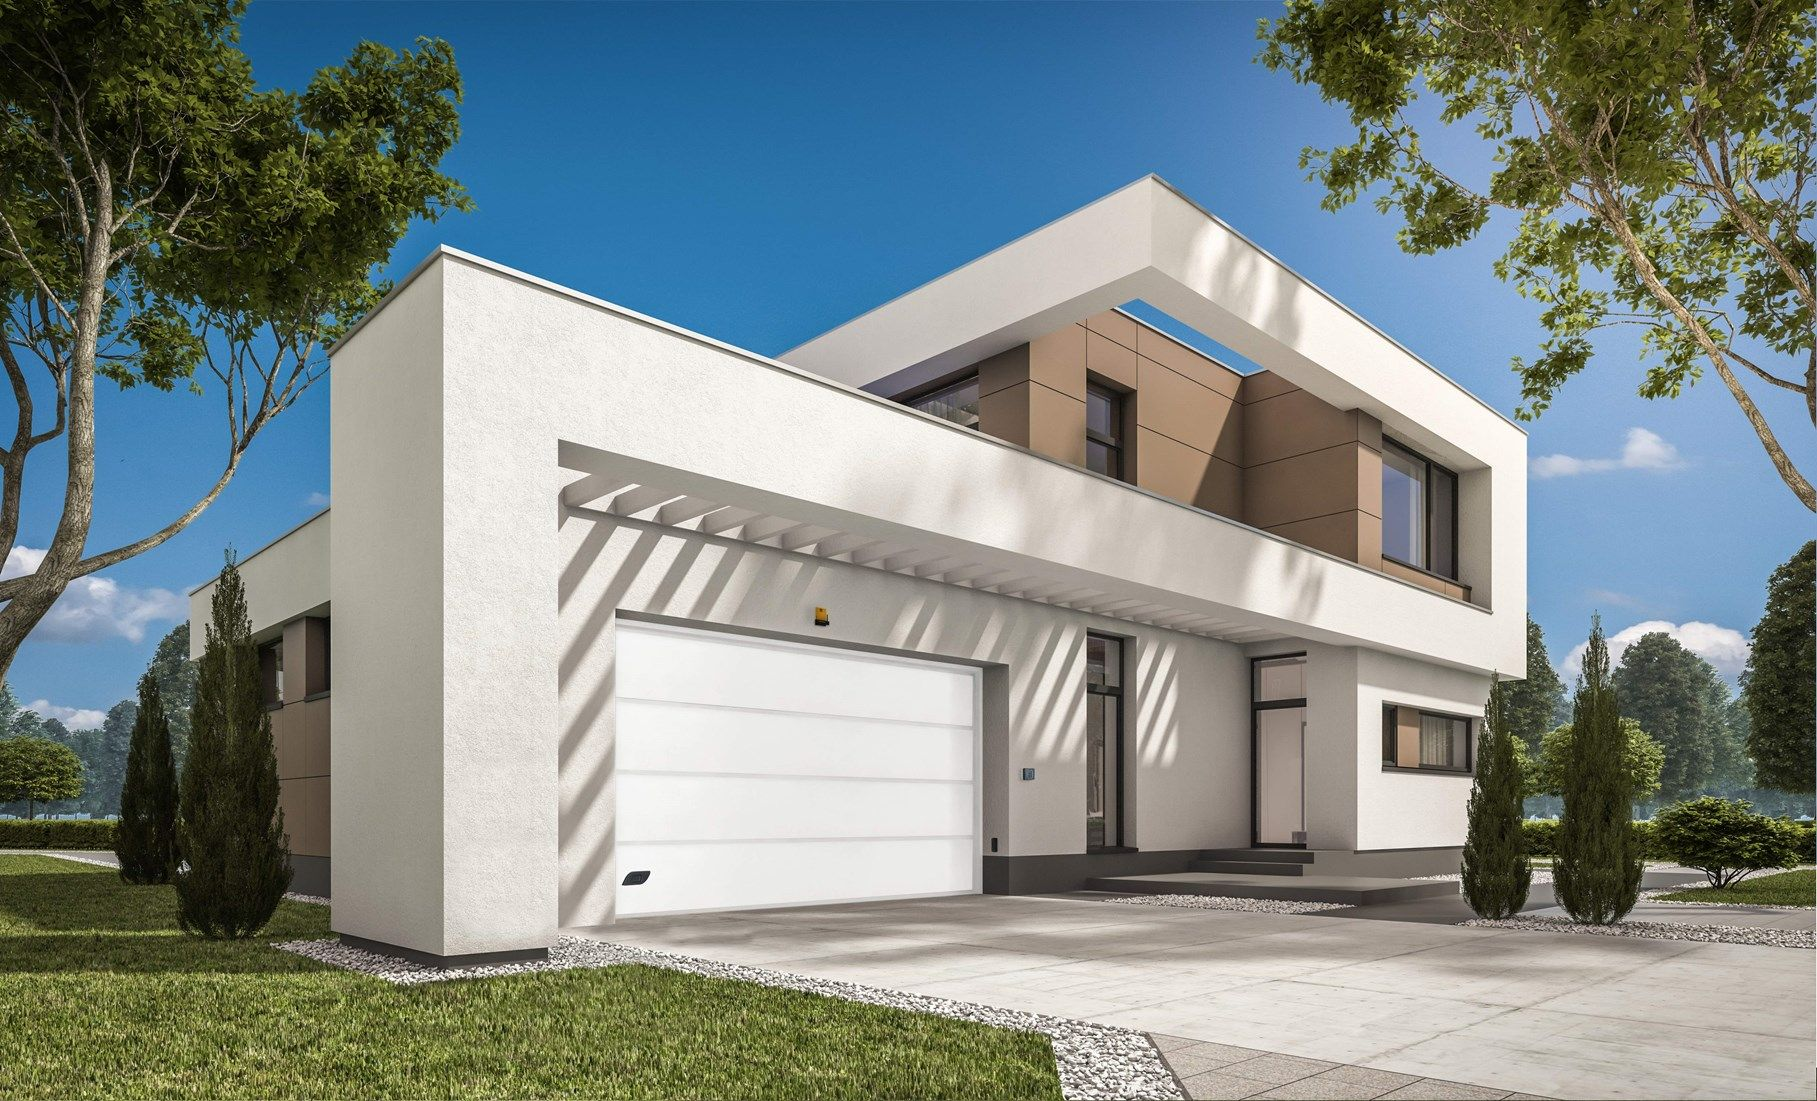 CAME GO presenta la nuova generazione di porte garage intelligenti e connesse